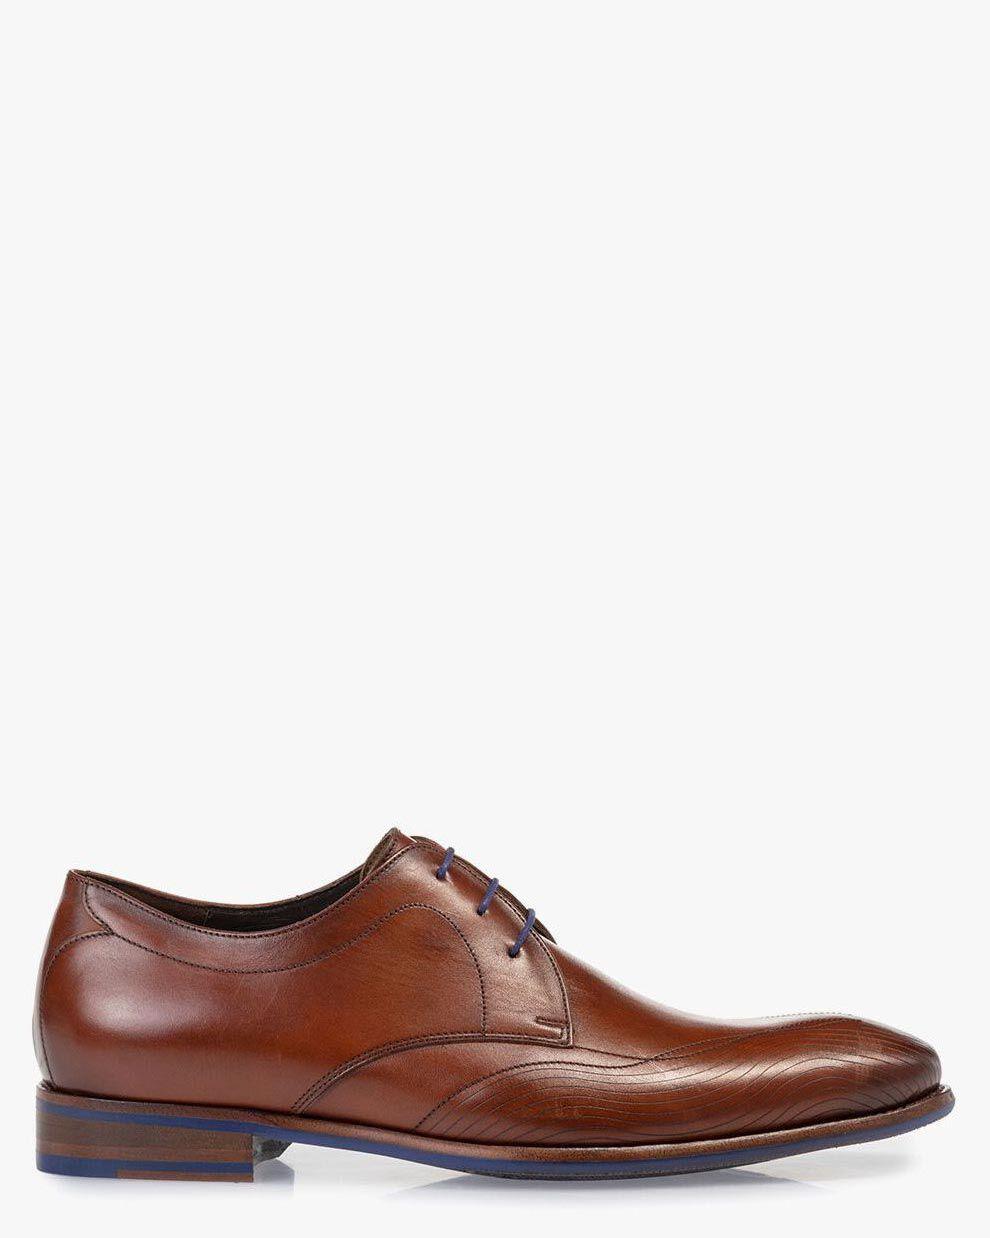 Lace shoes for men | Floris van Bommel Official®